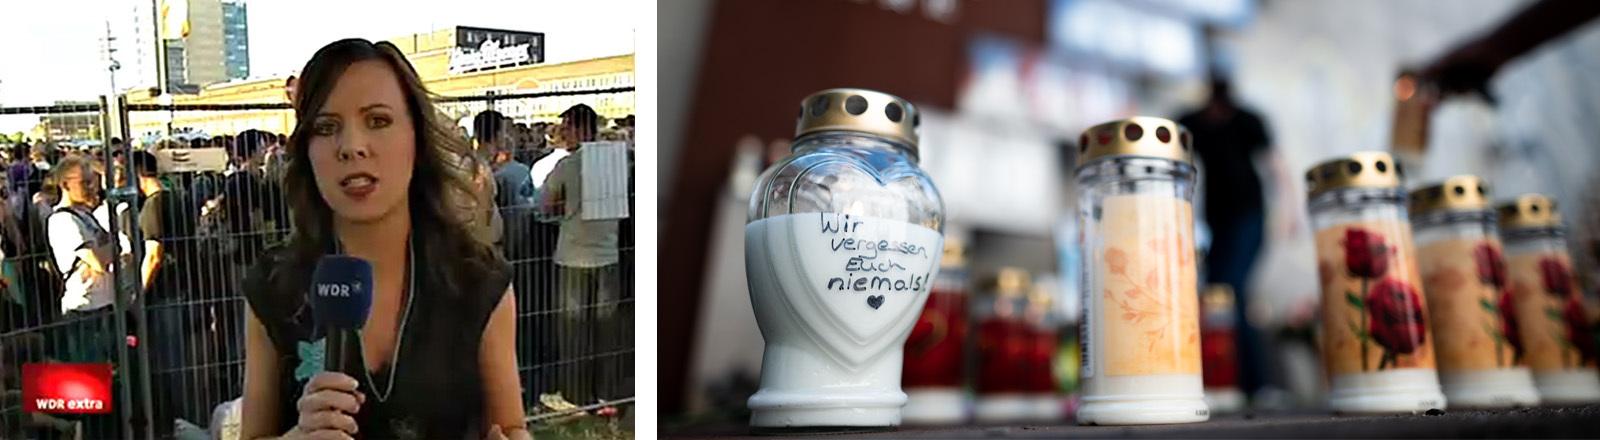 Die Gedenkstätte des Loveparade-Unglücks